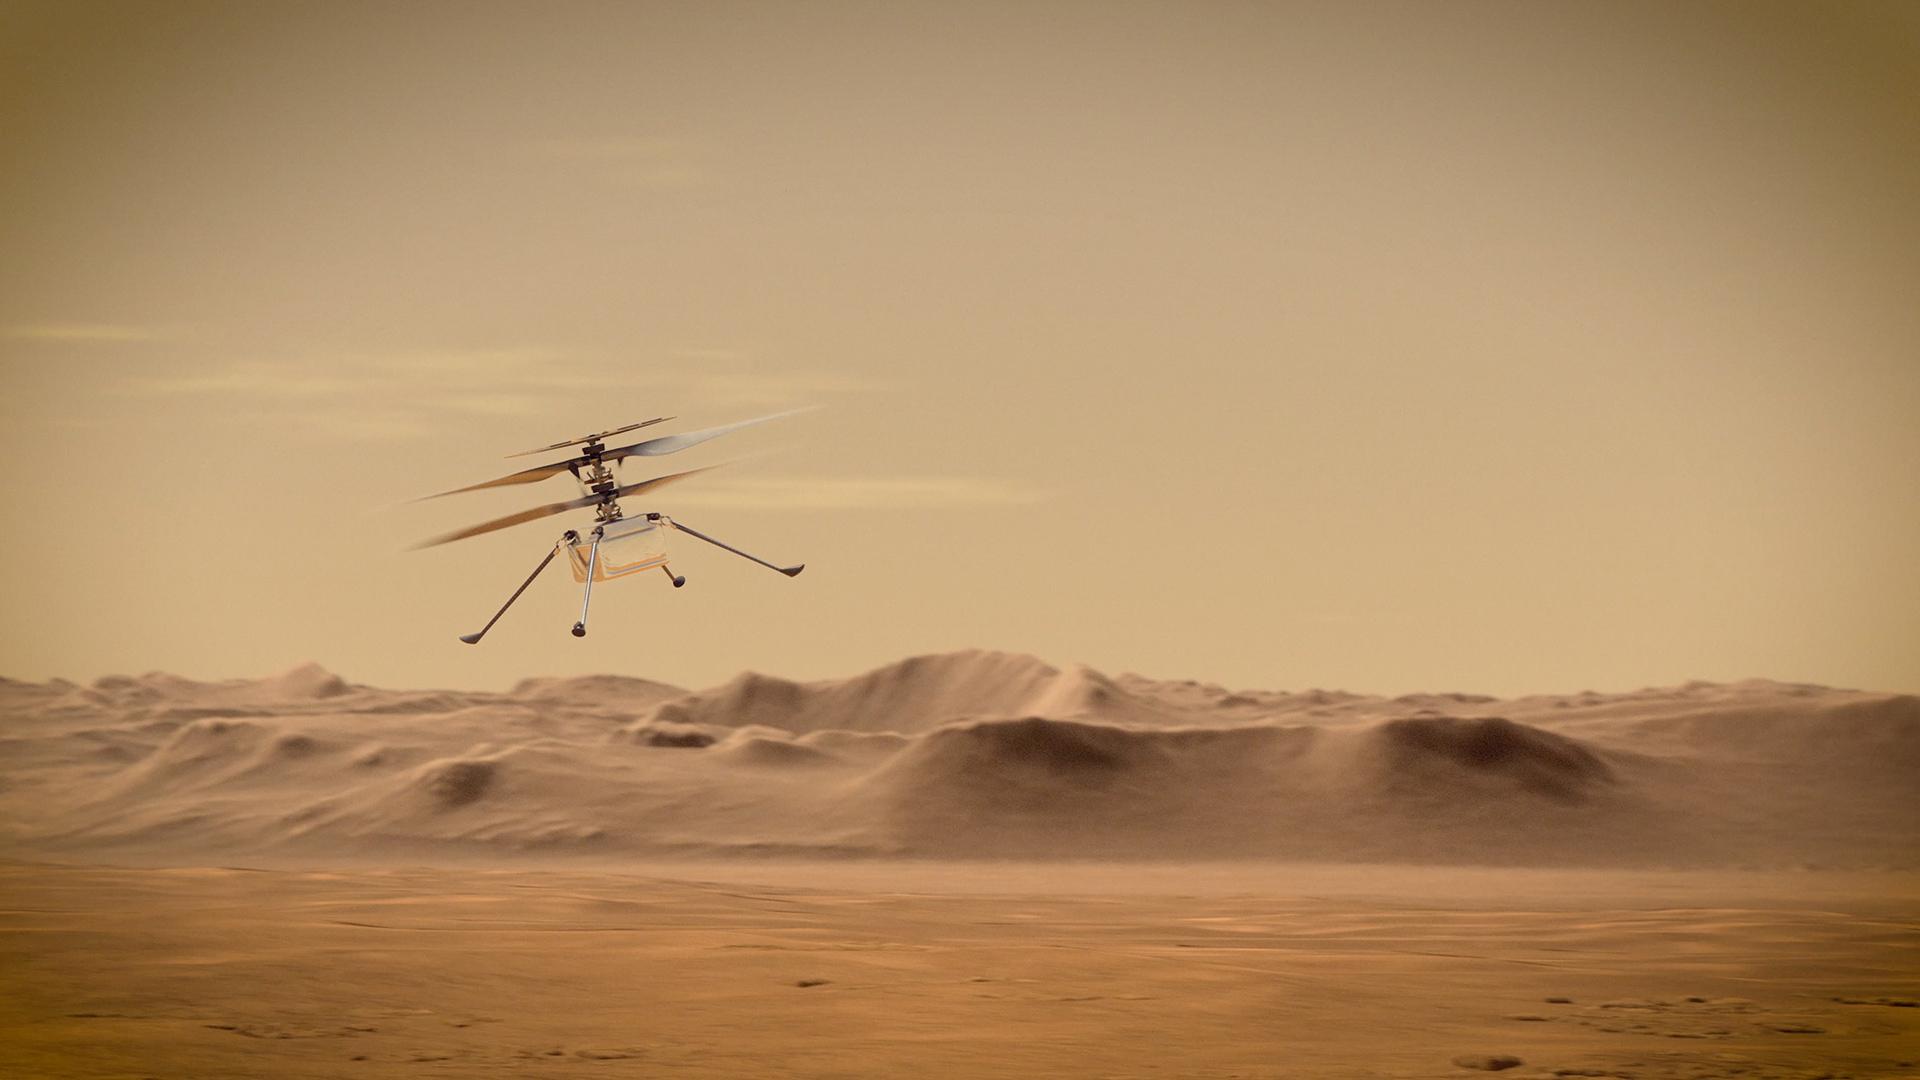 Die Mars-2020-Landestelle im HRSC-Geländemodell